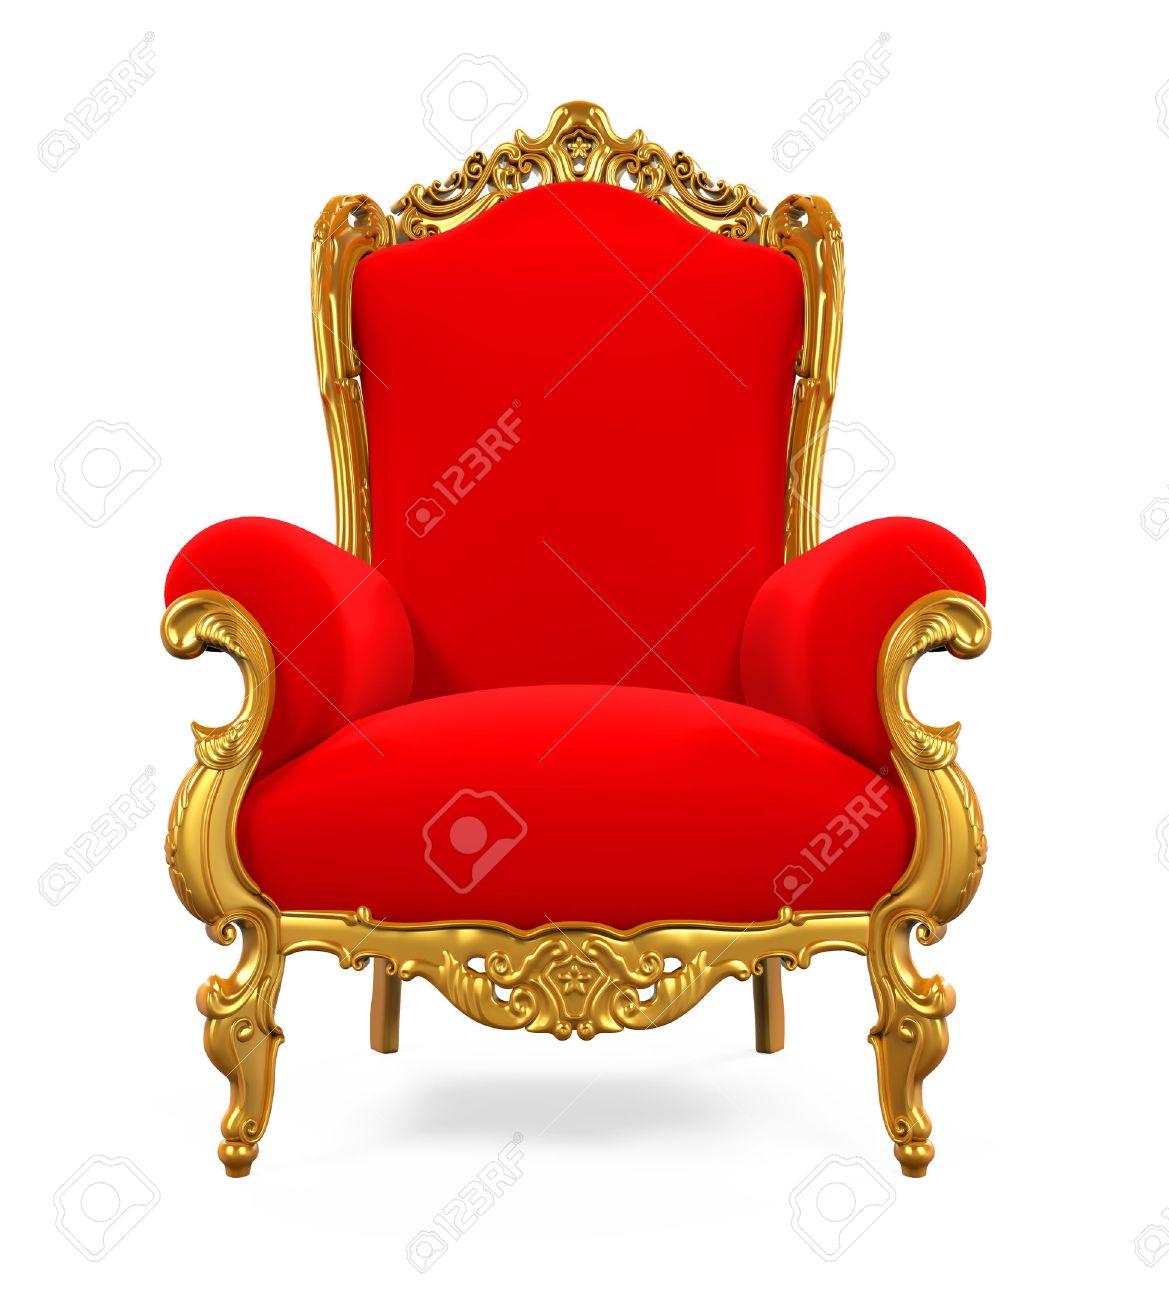 Princess throne chair - Throne King King Throne Chair